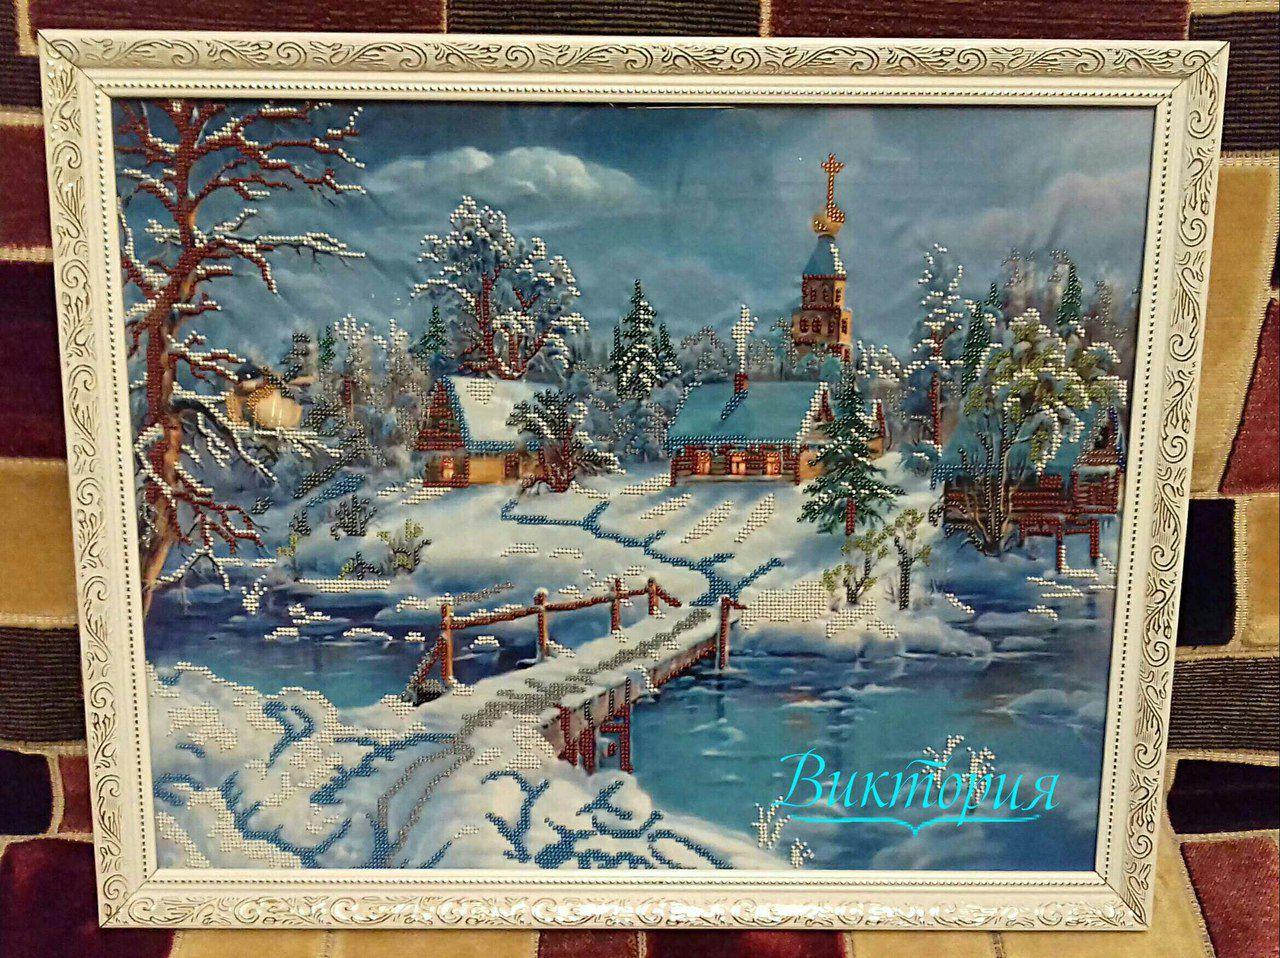 ручнаяработа продаю картина работа бисер бисером ручная вышивка интерьер пейзаж назаказ вышивкабисером подарок рукоделие